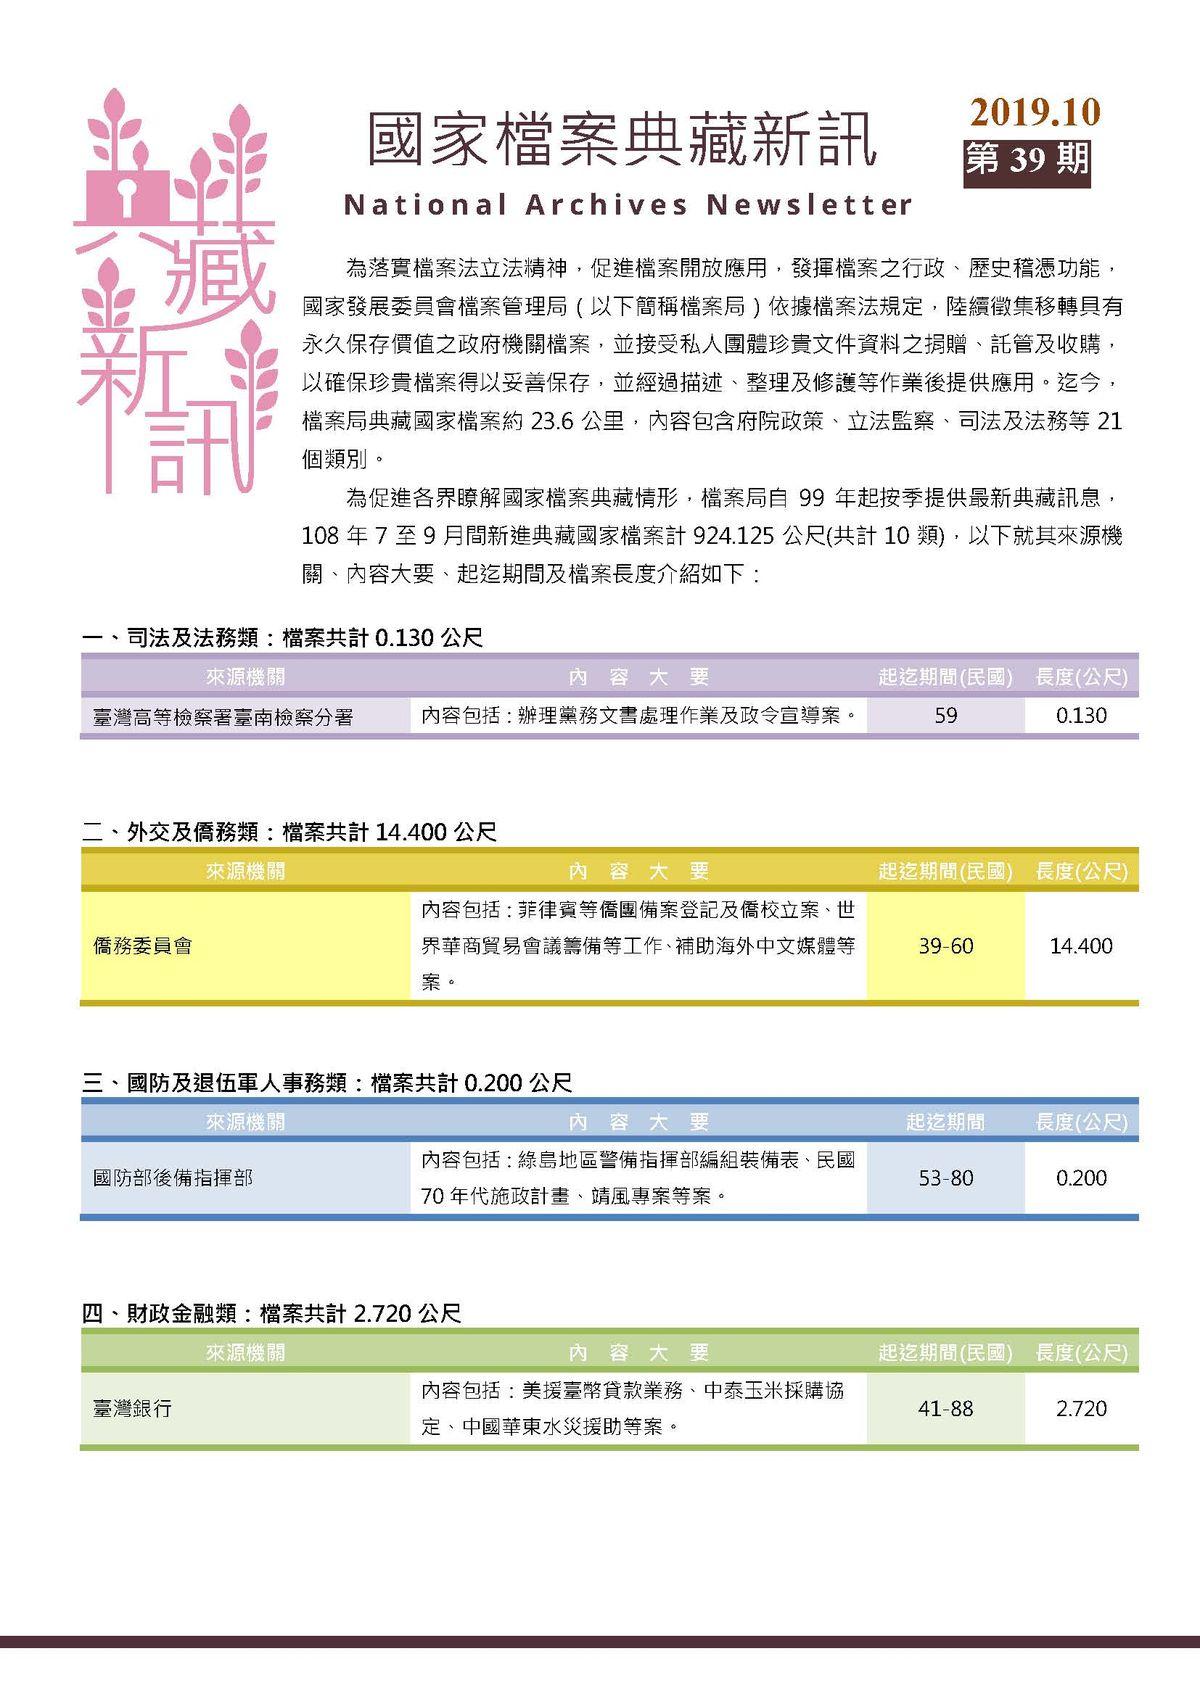 「國家檔案典藏新訊」第39期出刊